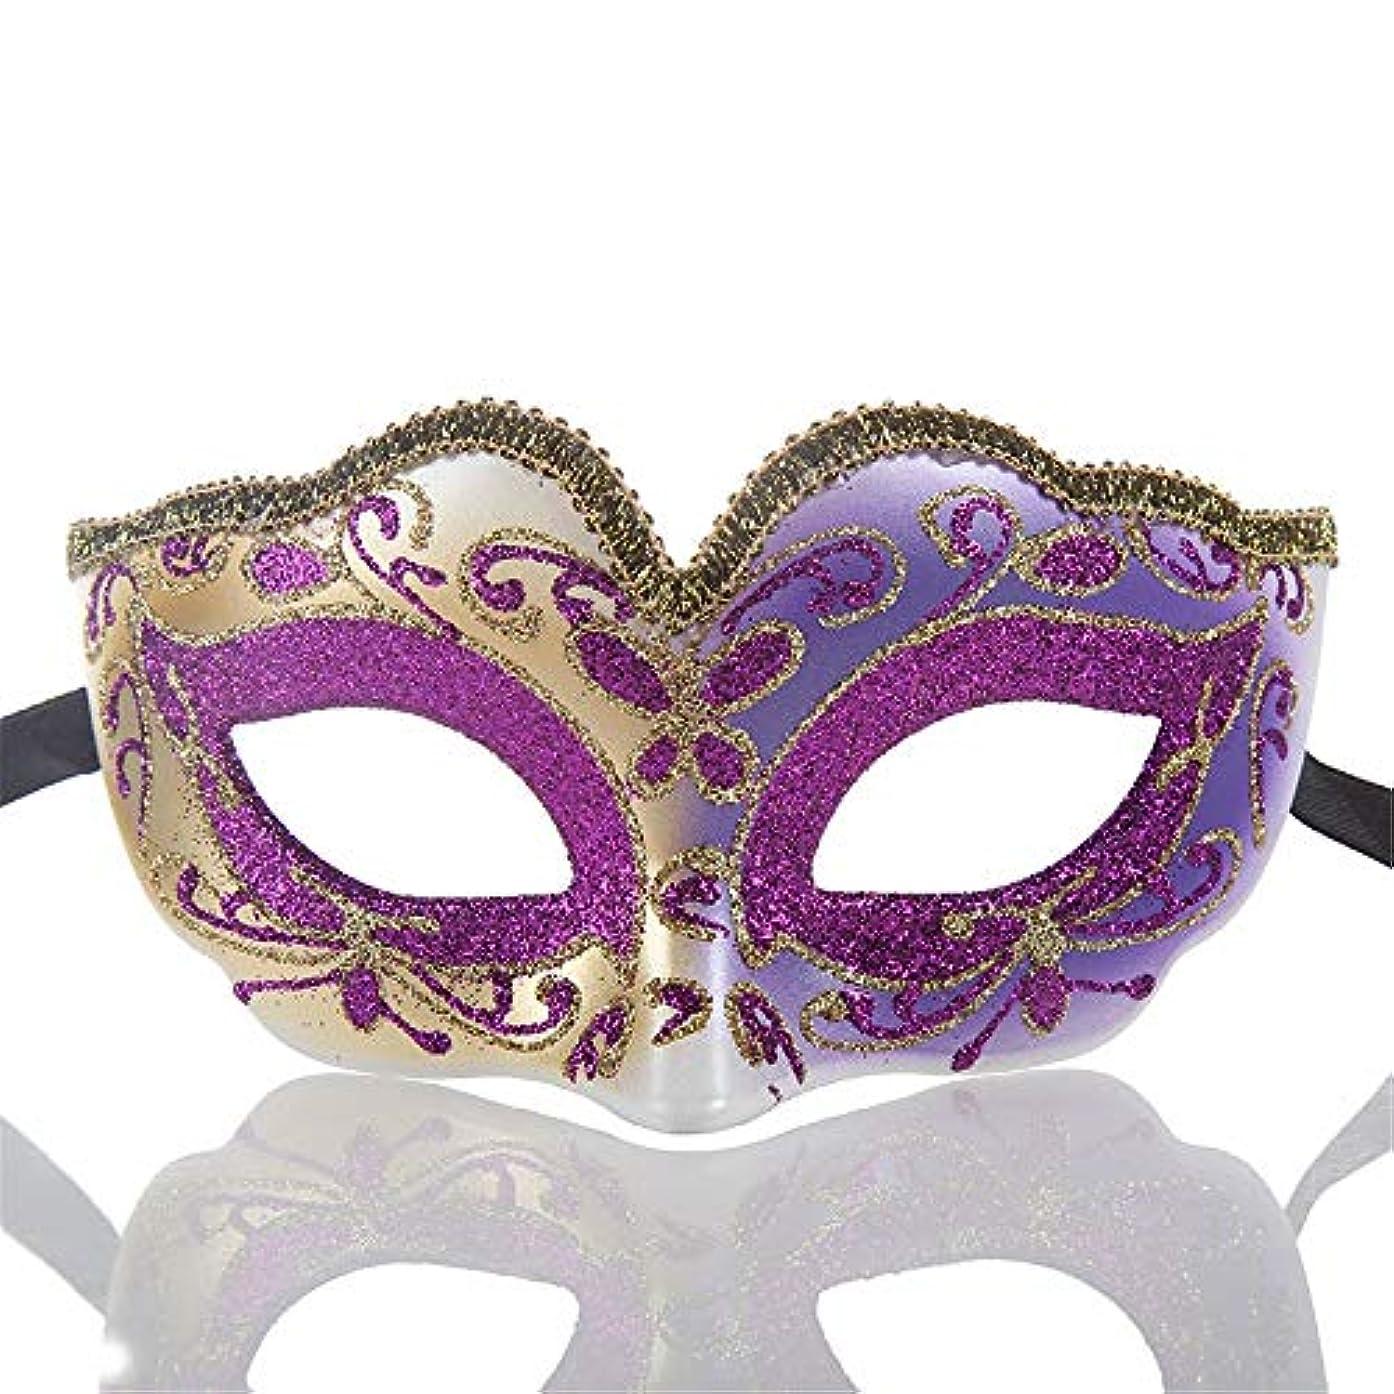 ピックストレージもろいダンスマスク 仮面舞踏会マスクレース塗装プリンセスパーティーハロウィン小道具ナイトクラブ雰囲気クリスマスフェスティバルロールプレイングプラスチックマスク ホリデーパーティー用品 (色 : 紫の, サイズ : 14.5*7.5cm)